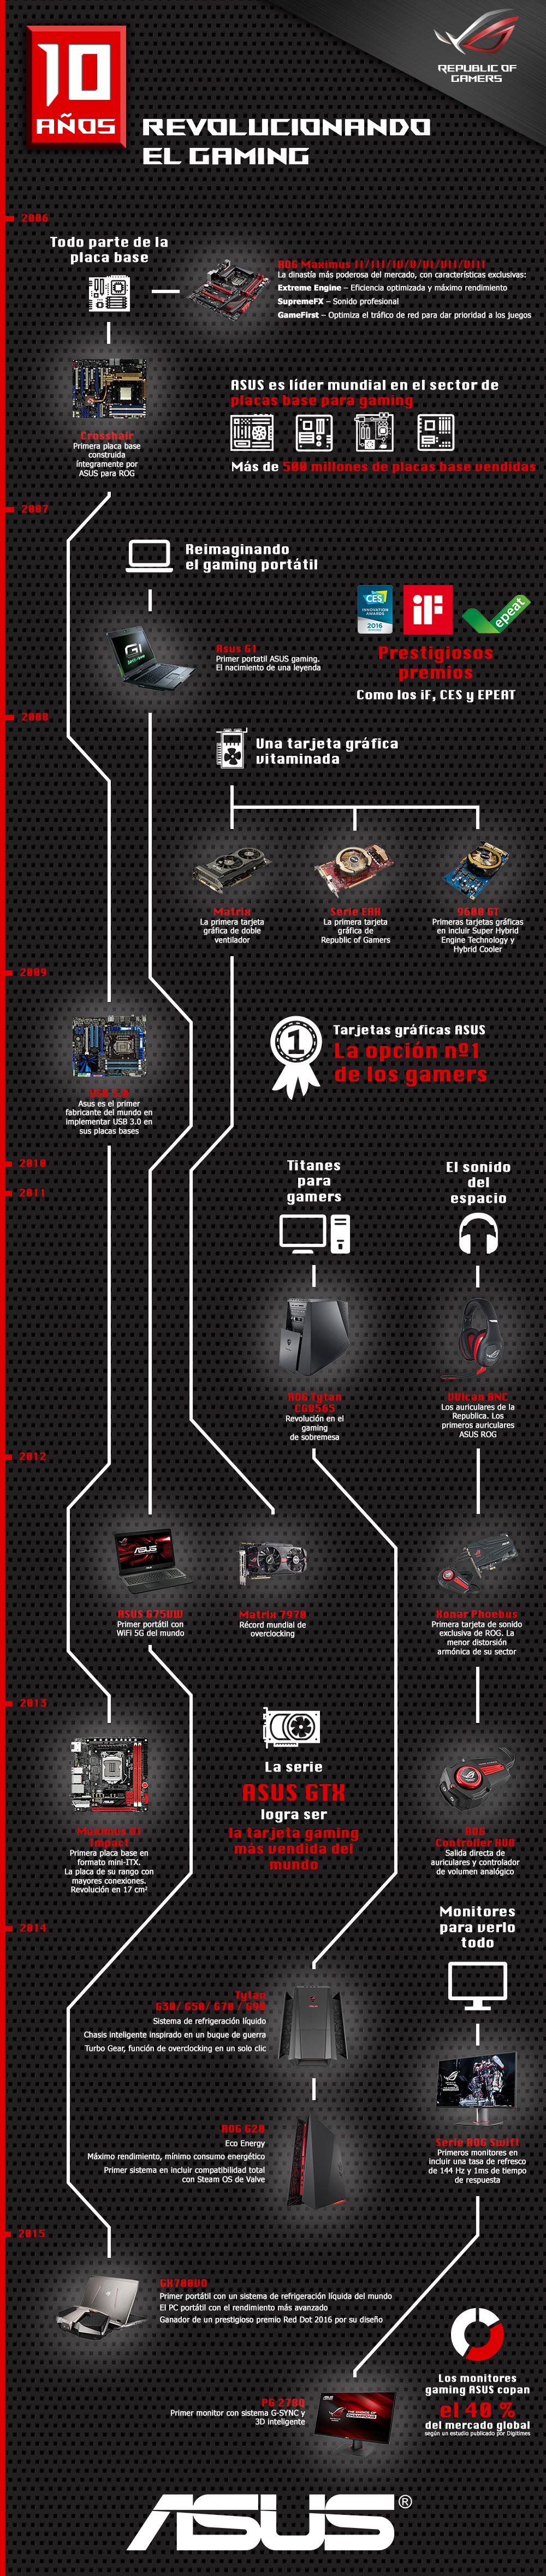 Asus Rog Gaming Evolucion 2016